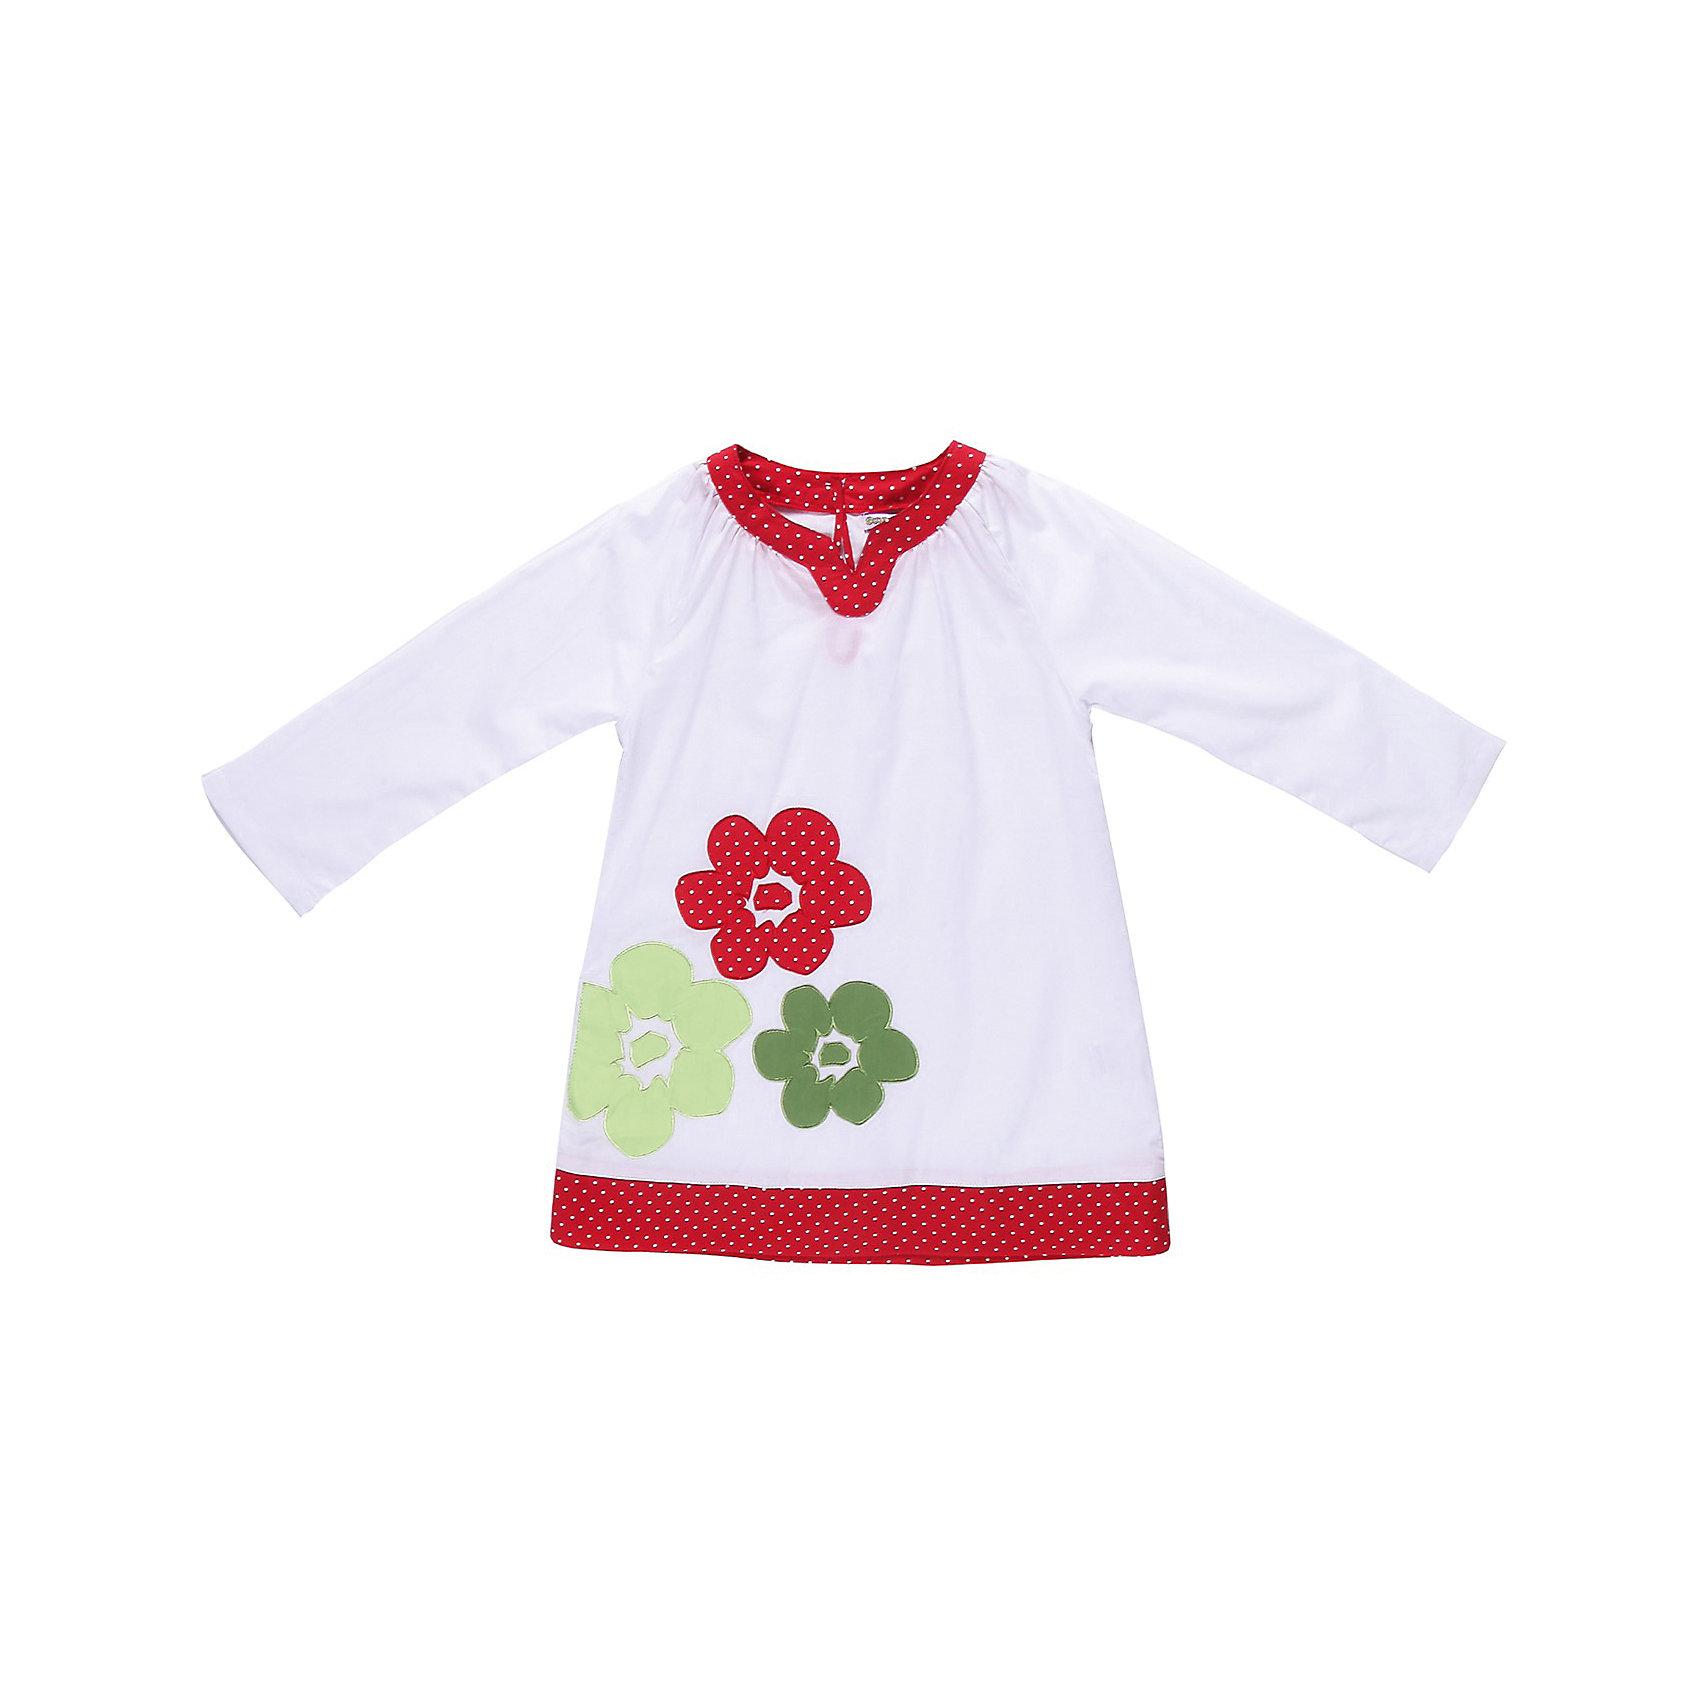 Платье для девочки Sweet BerryЛетние платья и сарафаны<br>Пляжное платье из тонкого хлопка, Модель свободного покроя с присборенной горловиной. Украшена аппликацией и цветной планкой по низу.<br>Состав:<br>100% хлопок<br><br>Ширина мм: 236<br>Глубина мм: 16<br>Высота мм: 184<br>Вес г: 177<br>Цвет: разноцветный<br>Возраст от месяцев: 72<br>Возраст до месяцев: 84<br>Пол: Женский<br>Возраст: Детский<br>Размер: 122,128,110,116,104,98<br>SKU: 4521420